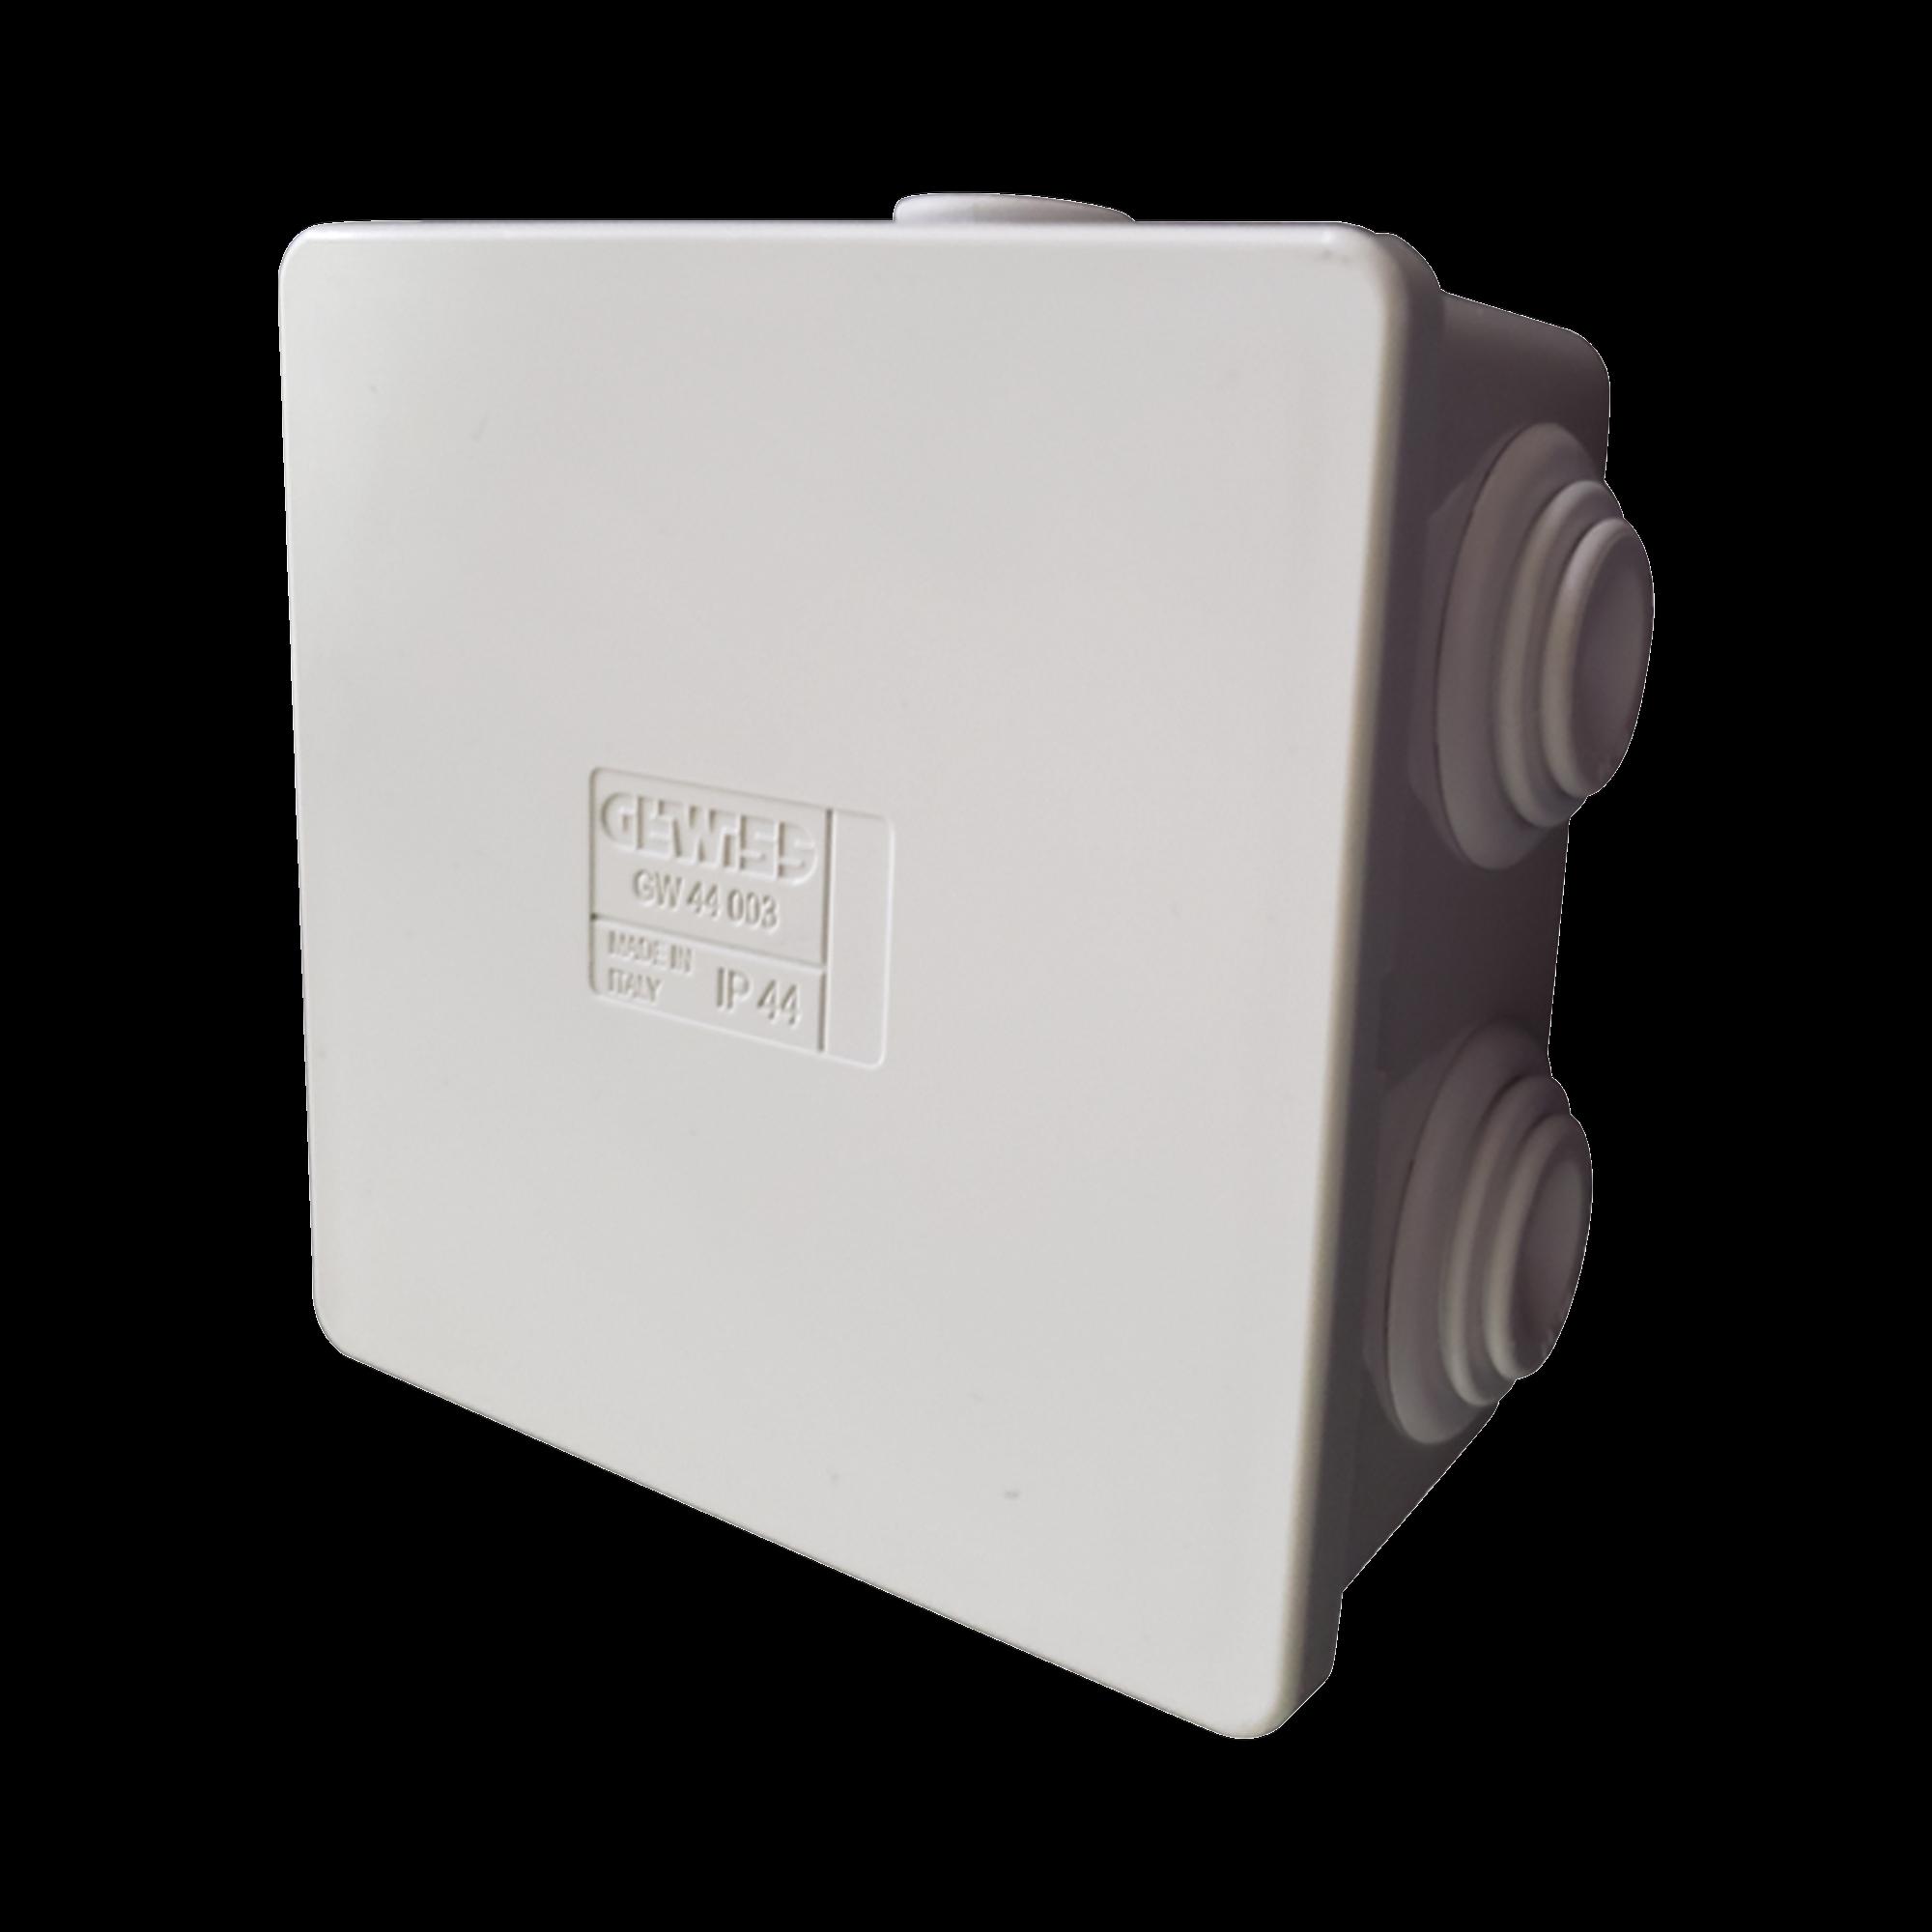 Caja de derivación de PVC Autoextinguible con 6 entradas, tapa a presión, 80x80x40 MM (Medidas internas, mayor área permisible para el cable, Para instalación al exterior (IP44)